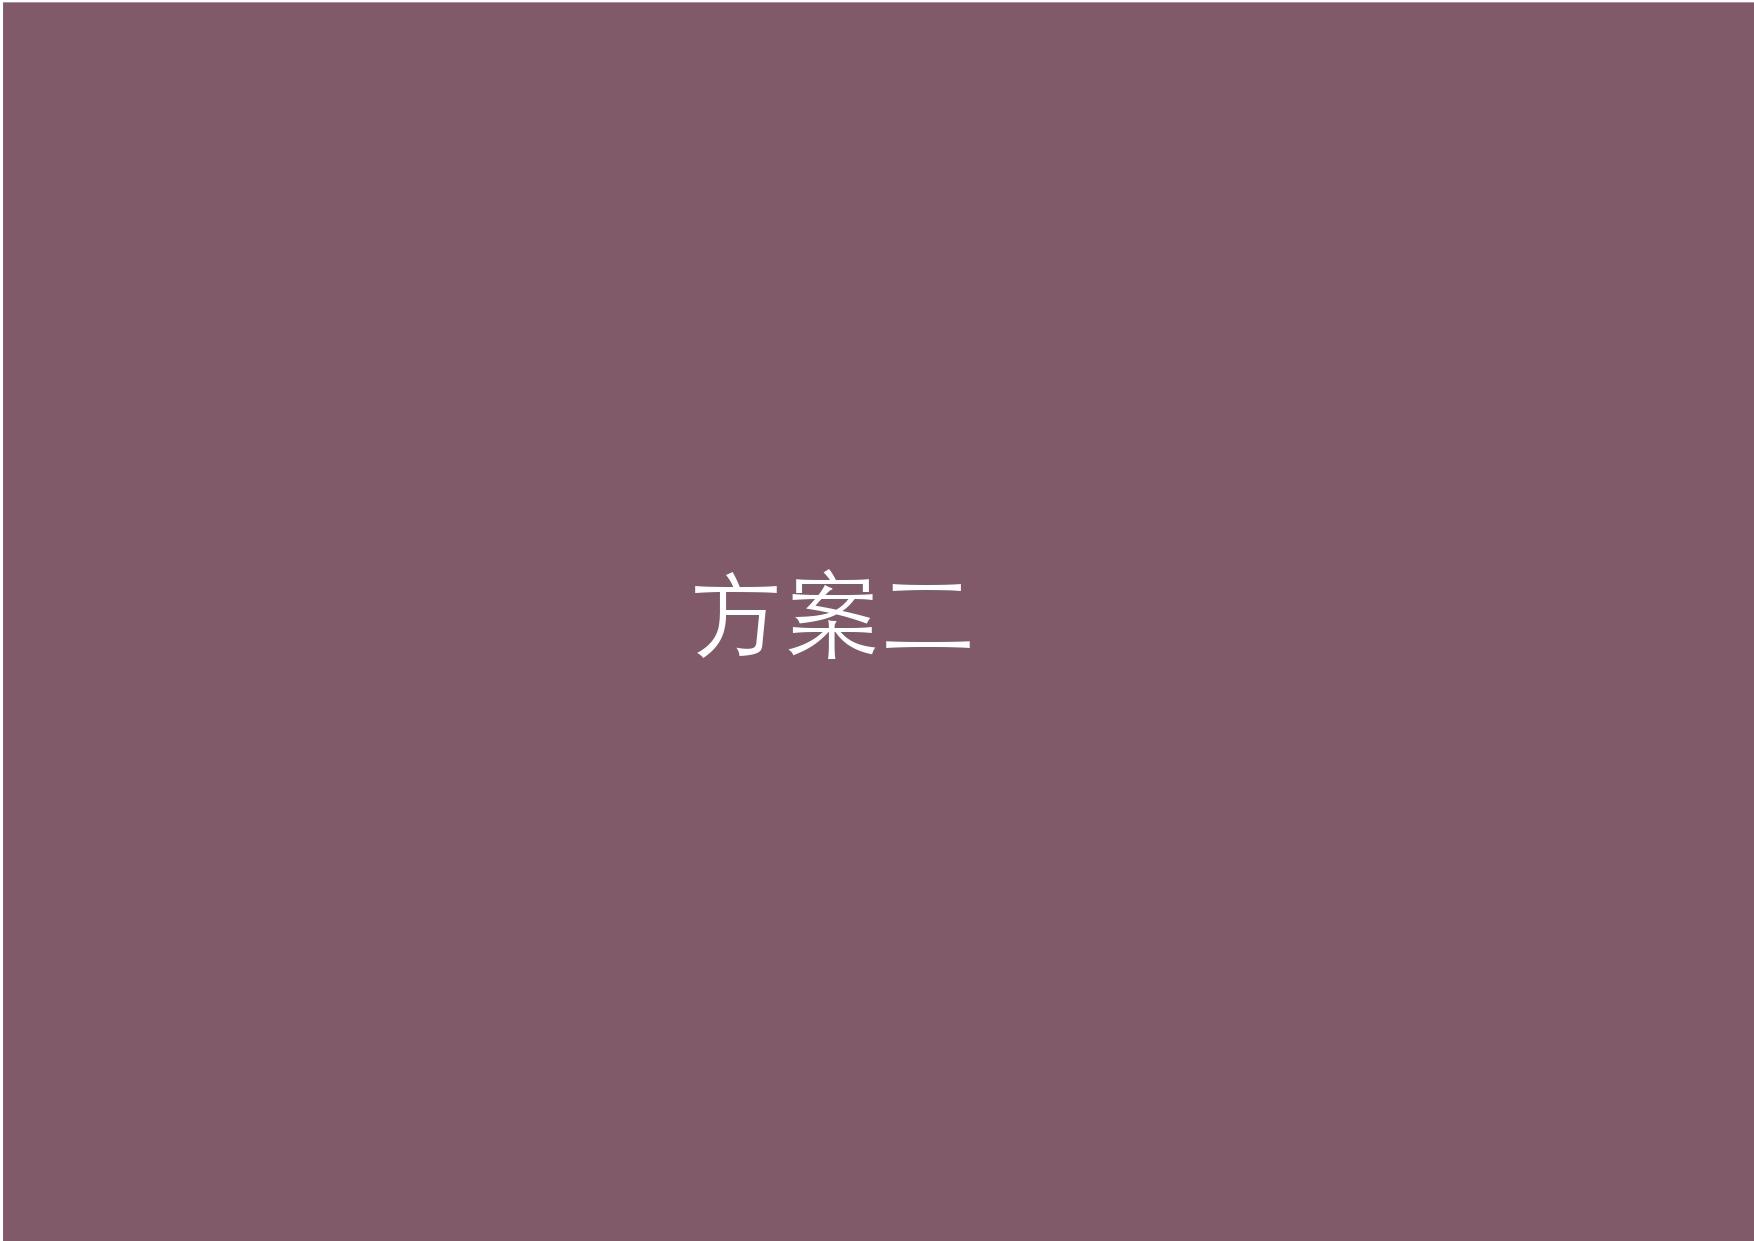 2_初菓和菓子創店_pages-to-jpg-0020